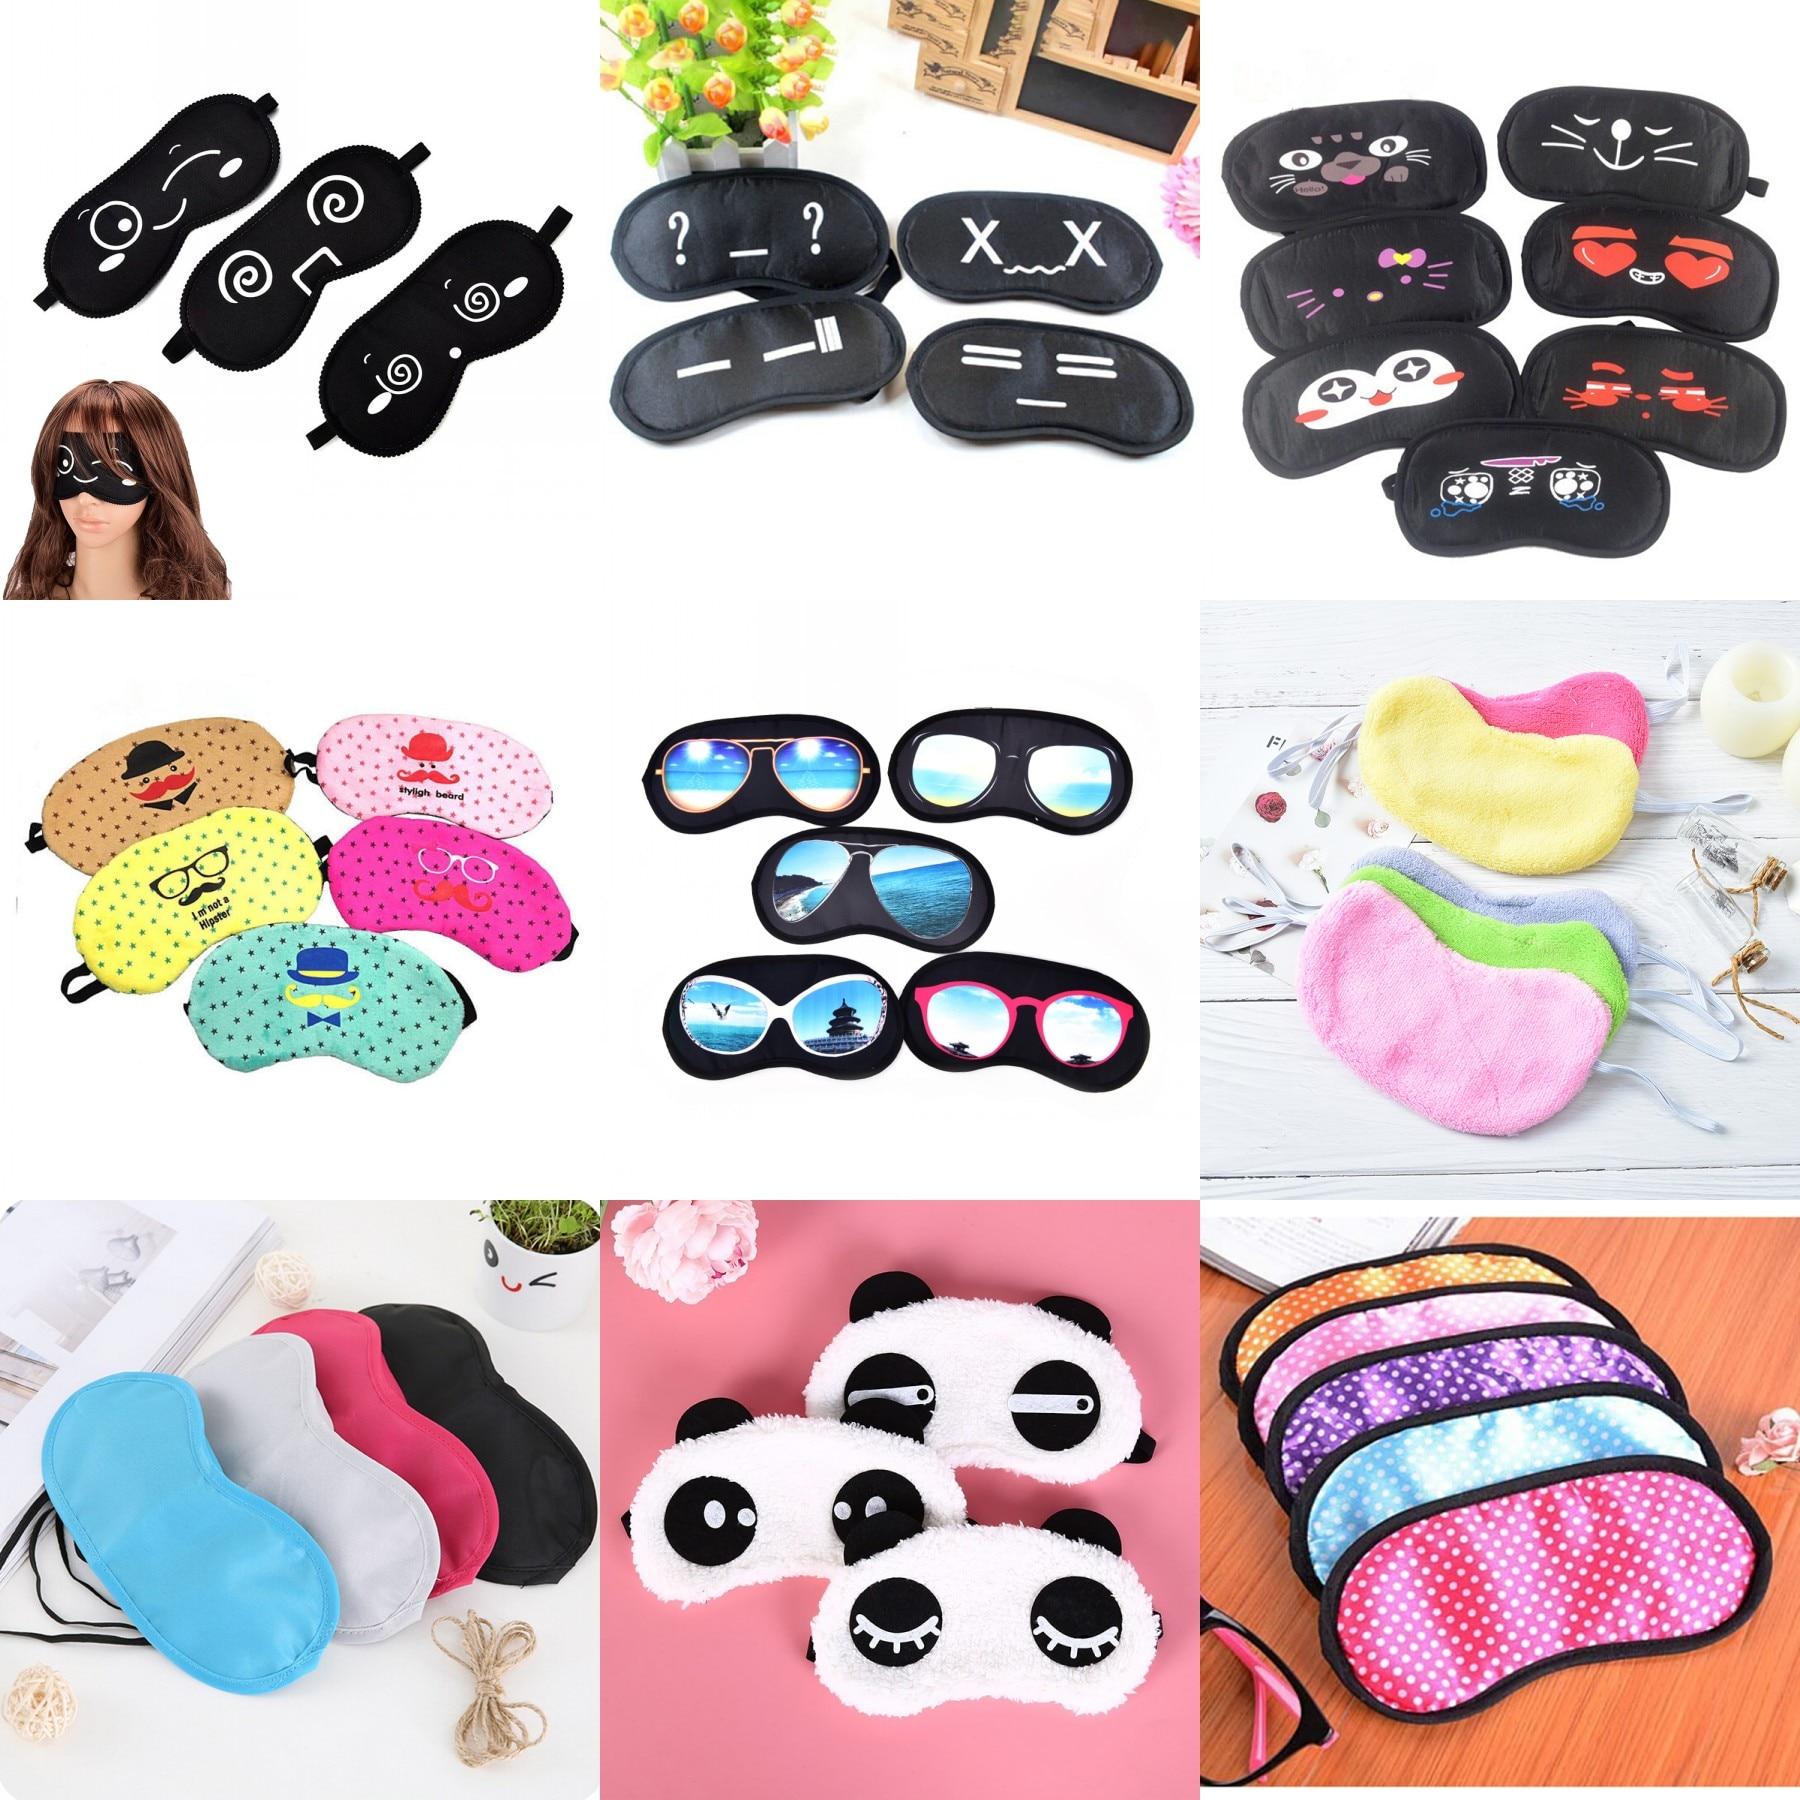 Hot Sell Black Travel Sleeping Eye Mask Black Eye Shade Sleep Mask Black Mask Bandage On Eyes For Sleeping Emotion Sleep Mask